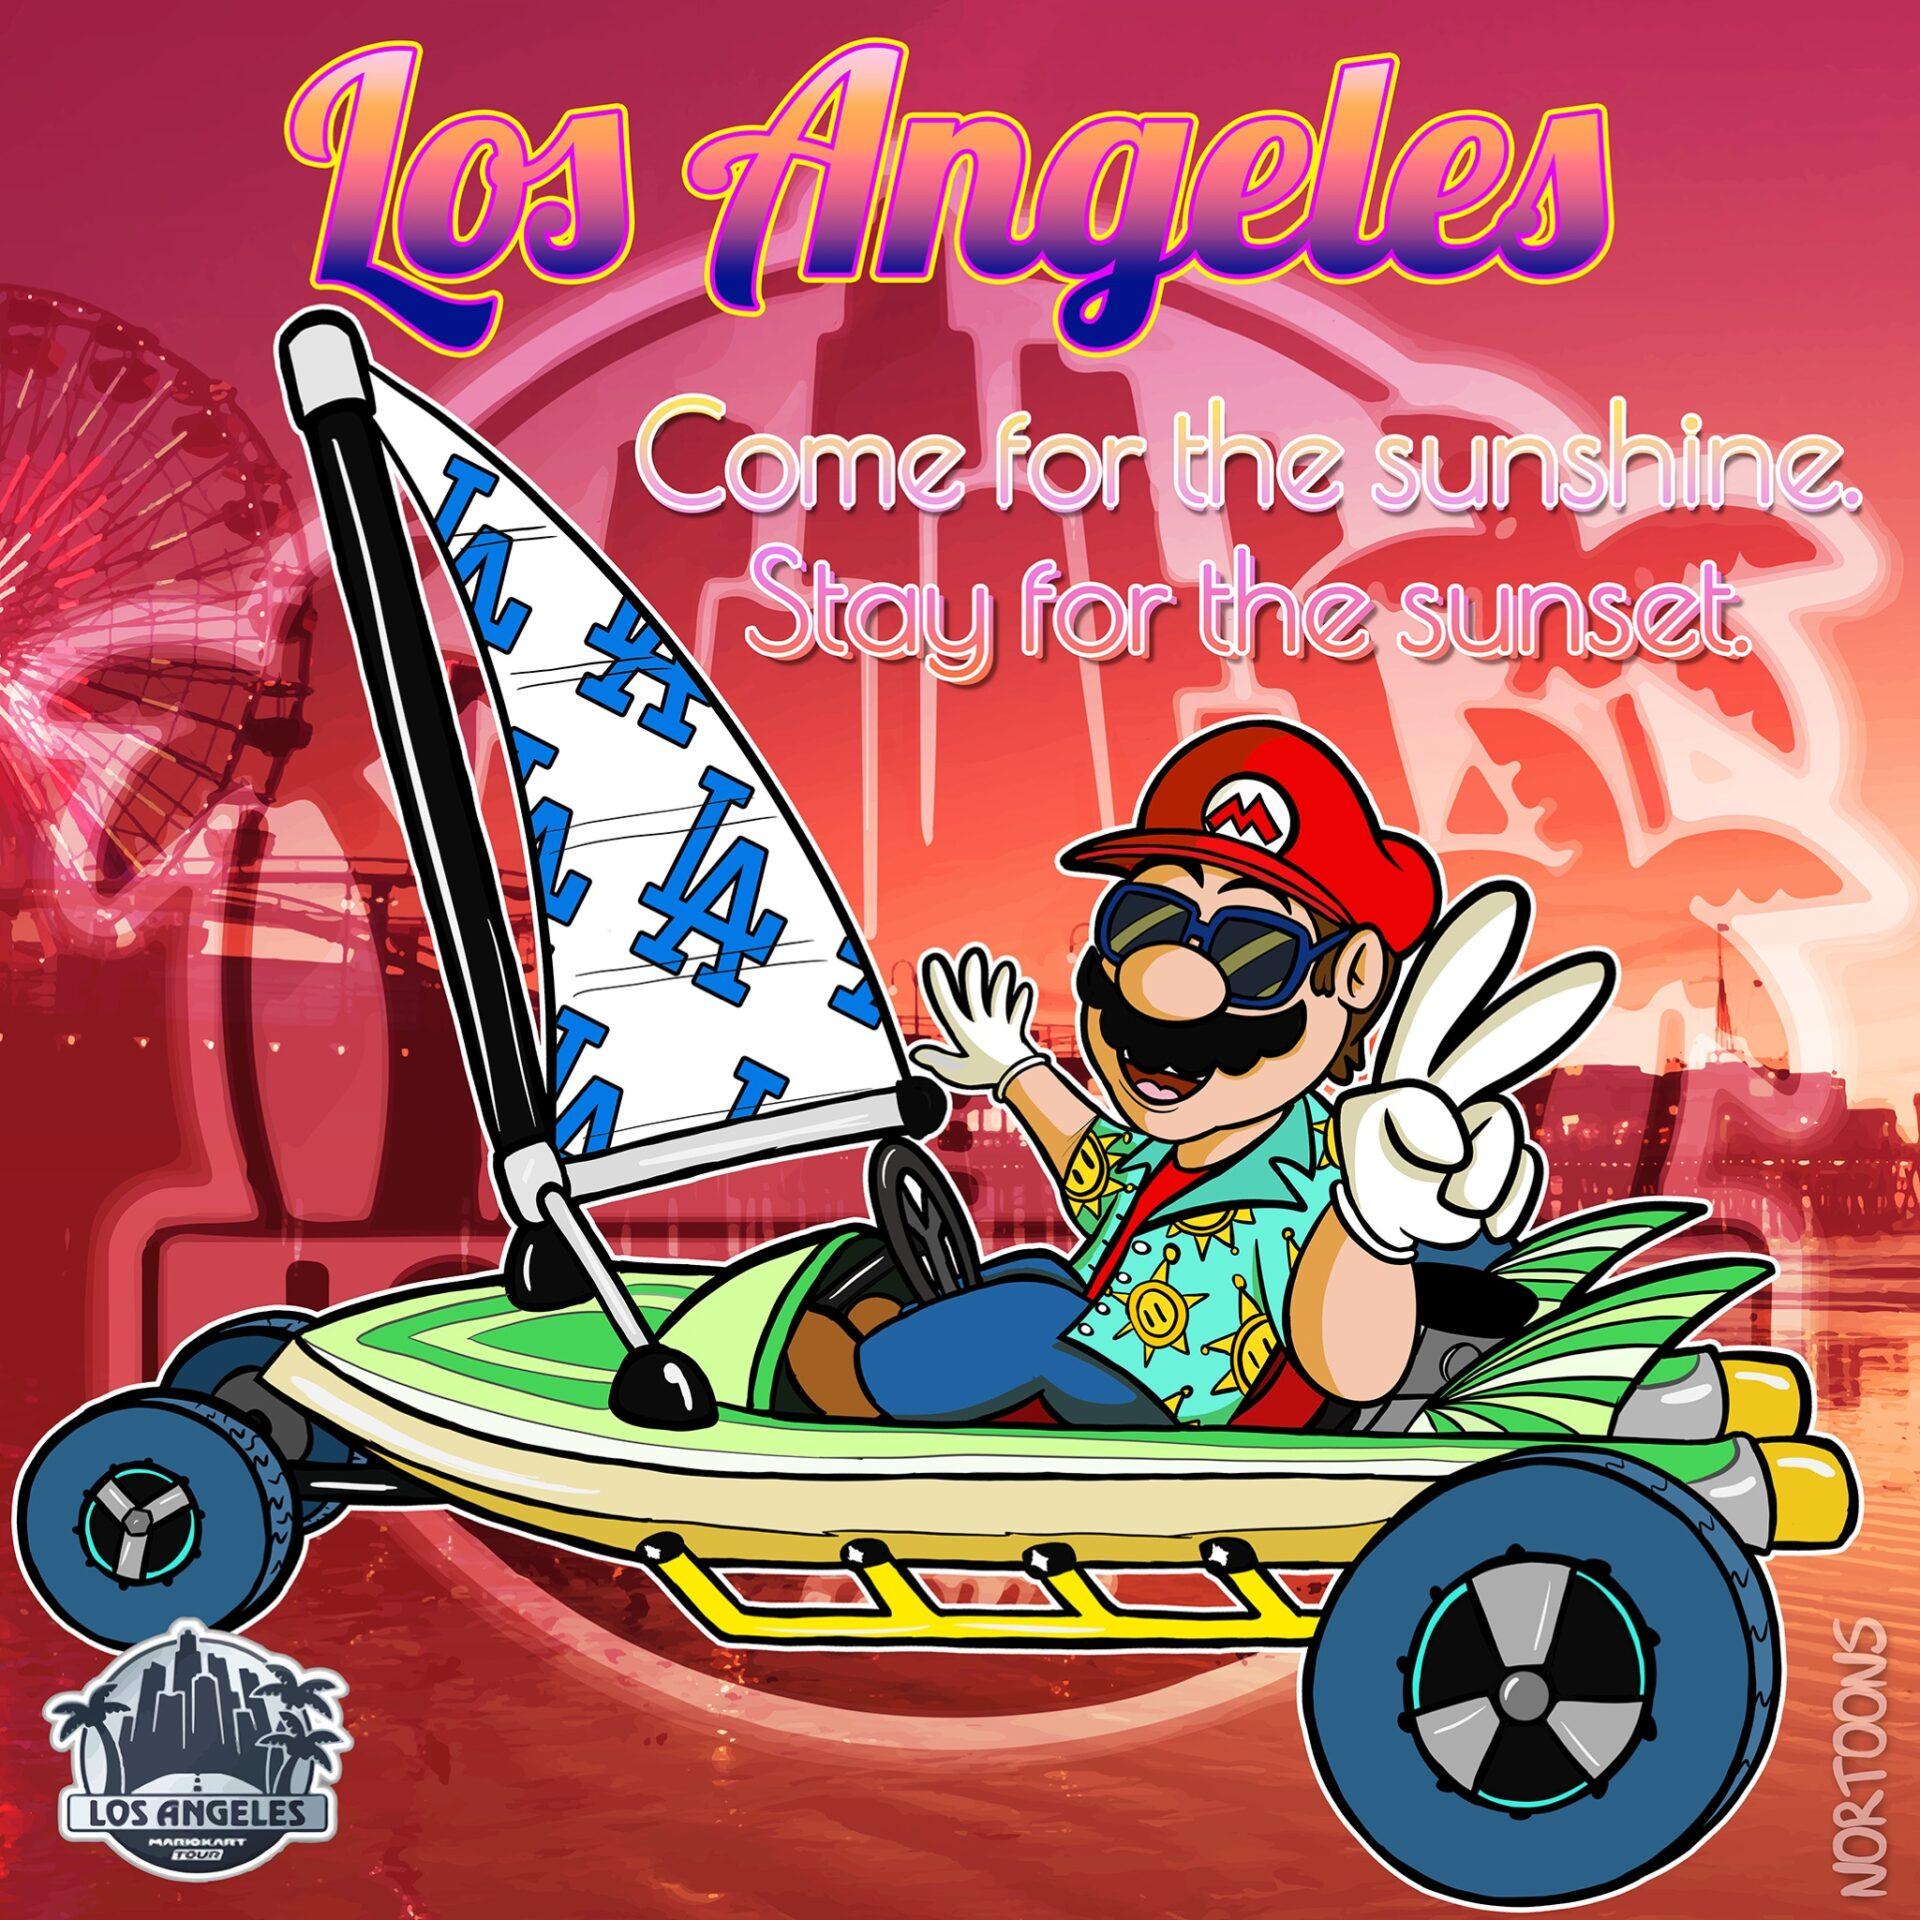 Super Mario Kart - Los Angeles